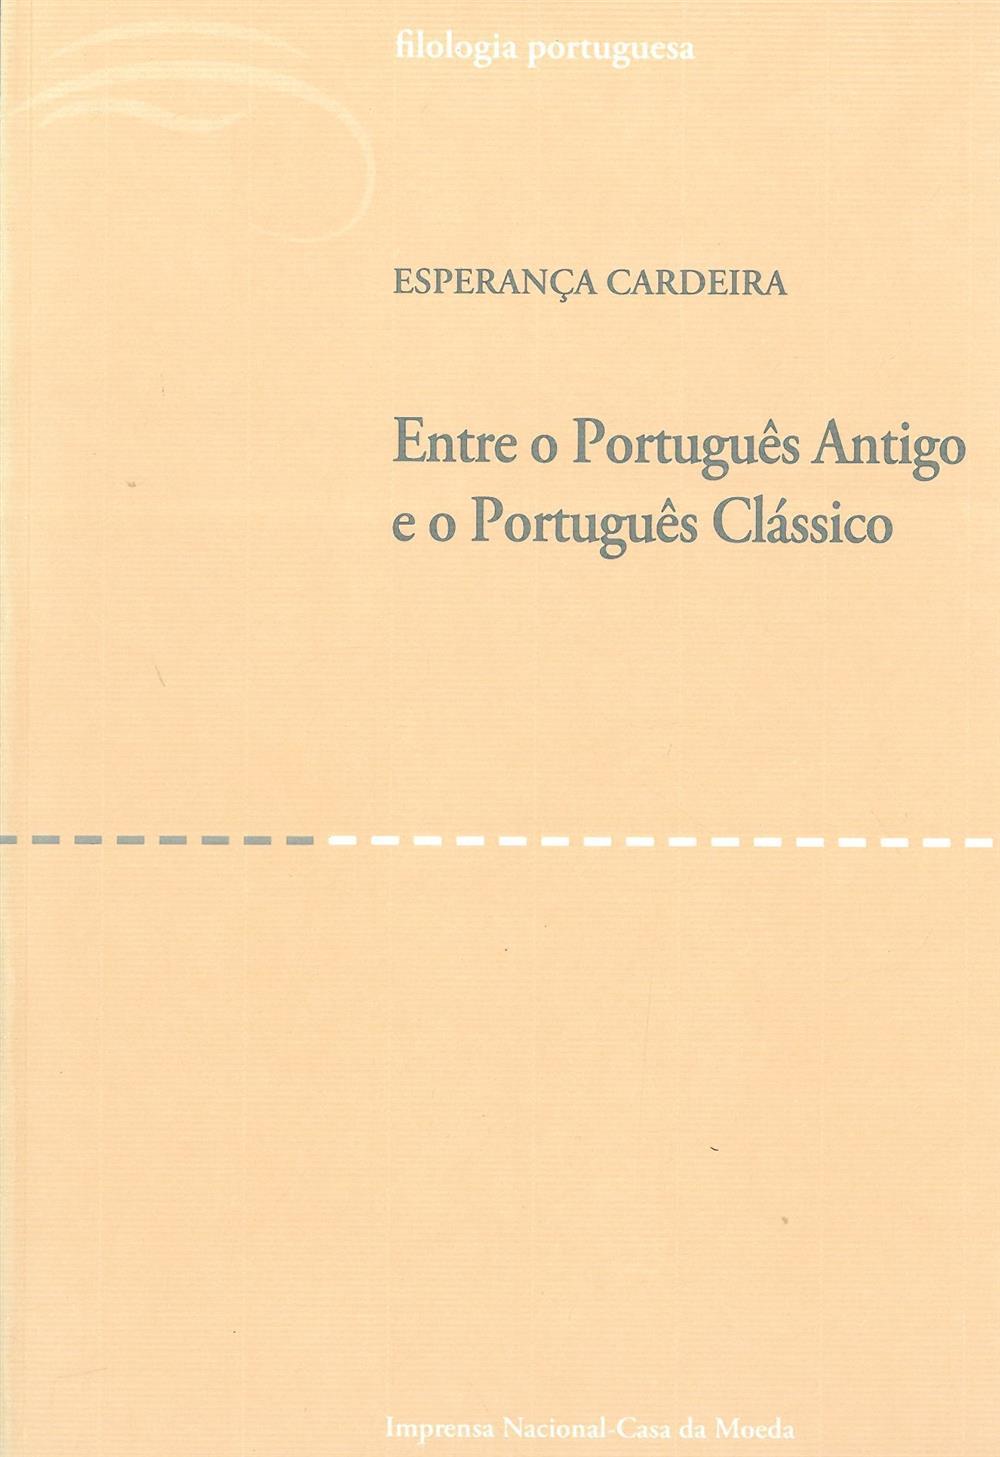 Entre o português antigo e o português clássico.jpg